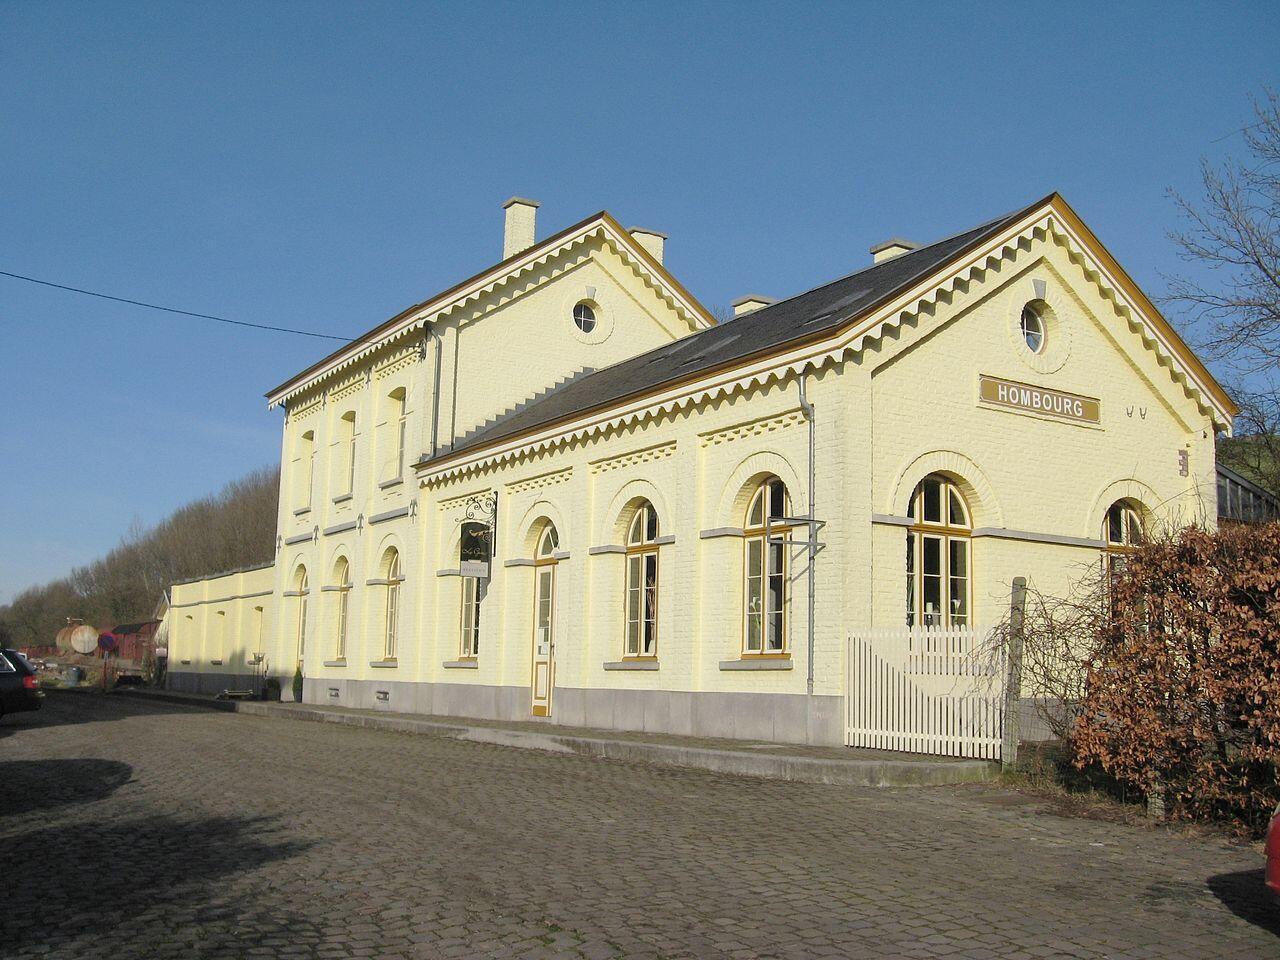 La gare de Hombourg a été restaurée en un gîte et deux wagons de la Seconde Guerre mondiale viennent compléter le dispositif.